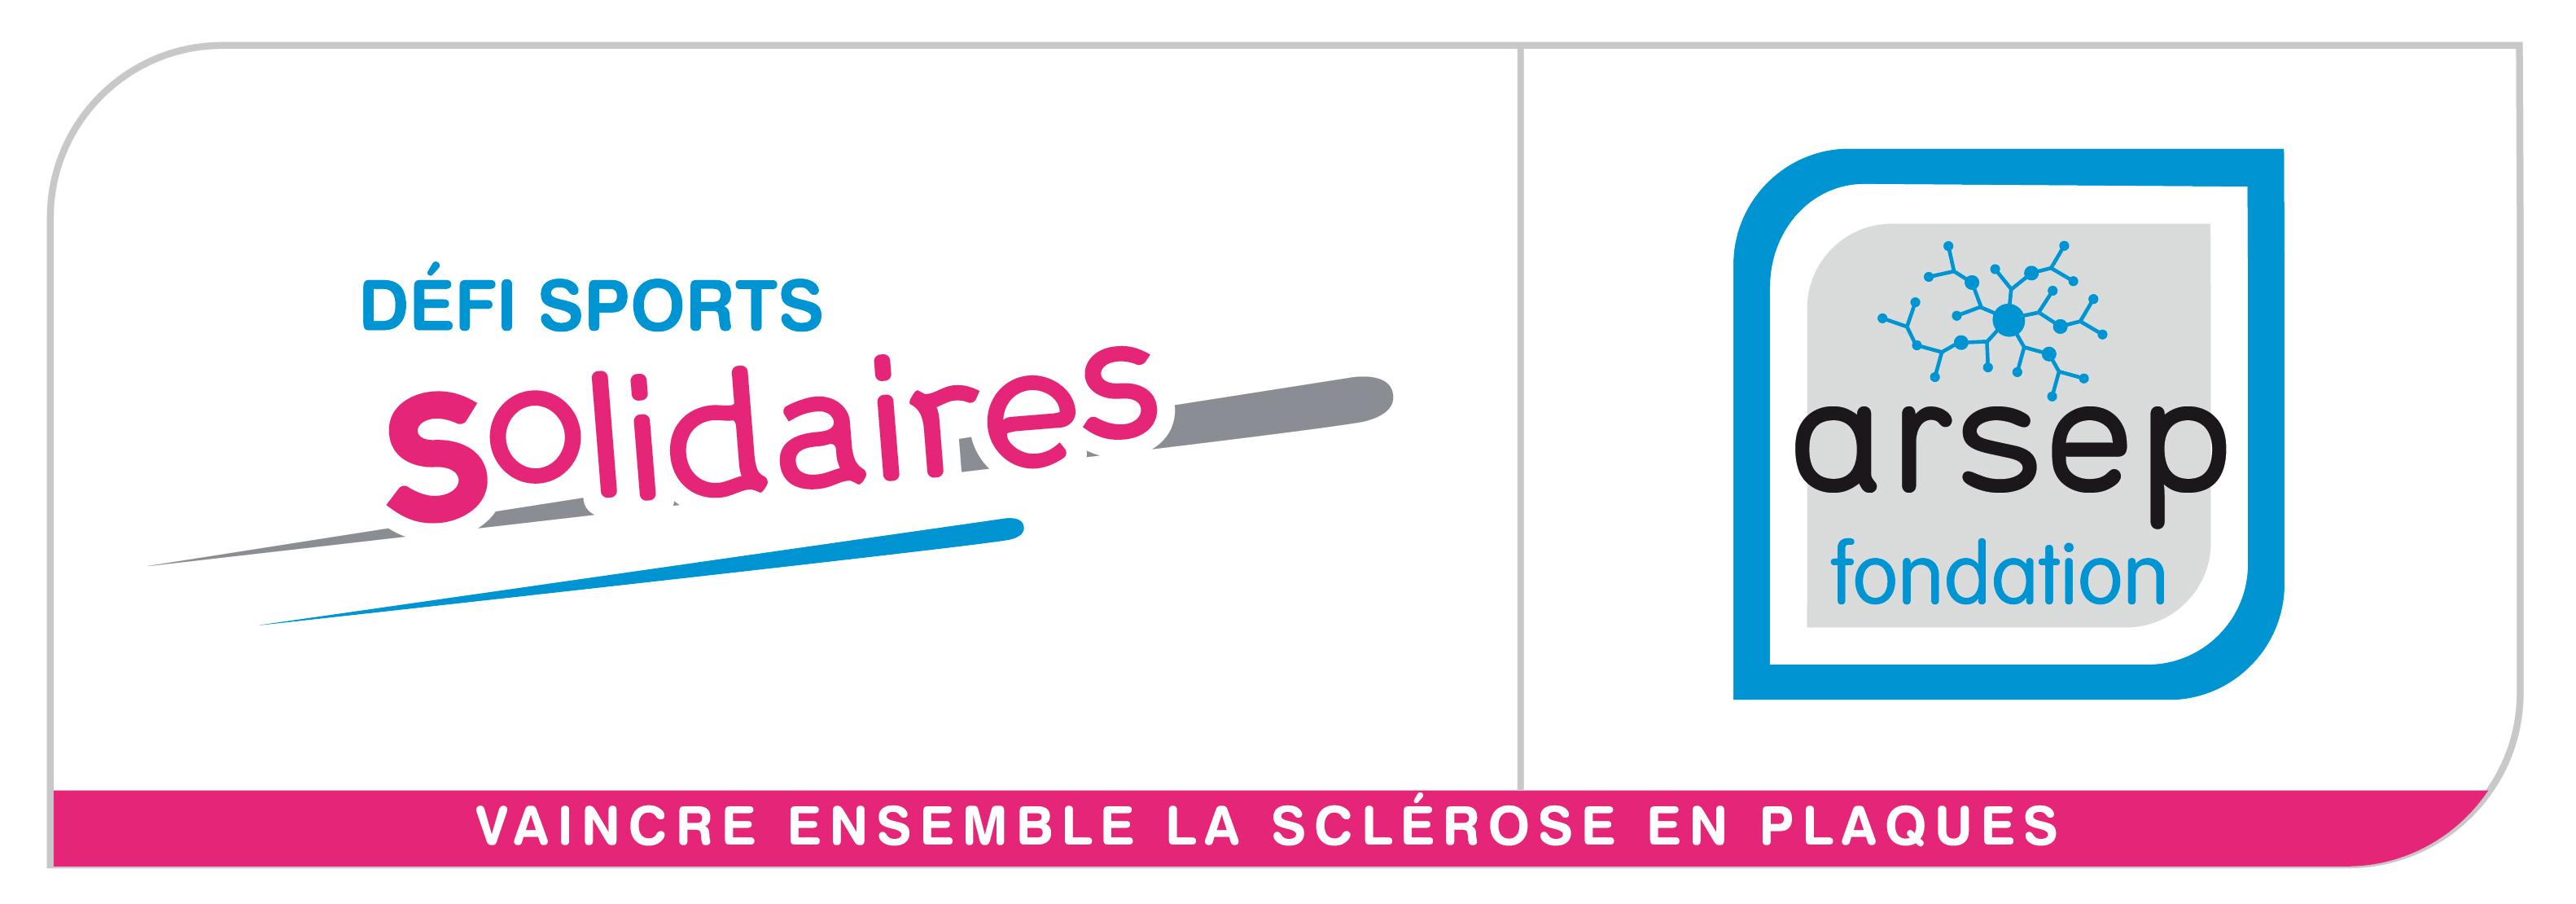 Logo ARSEP Fondation Défi sports solidaires Sclérose en plaques